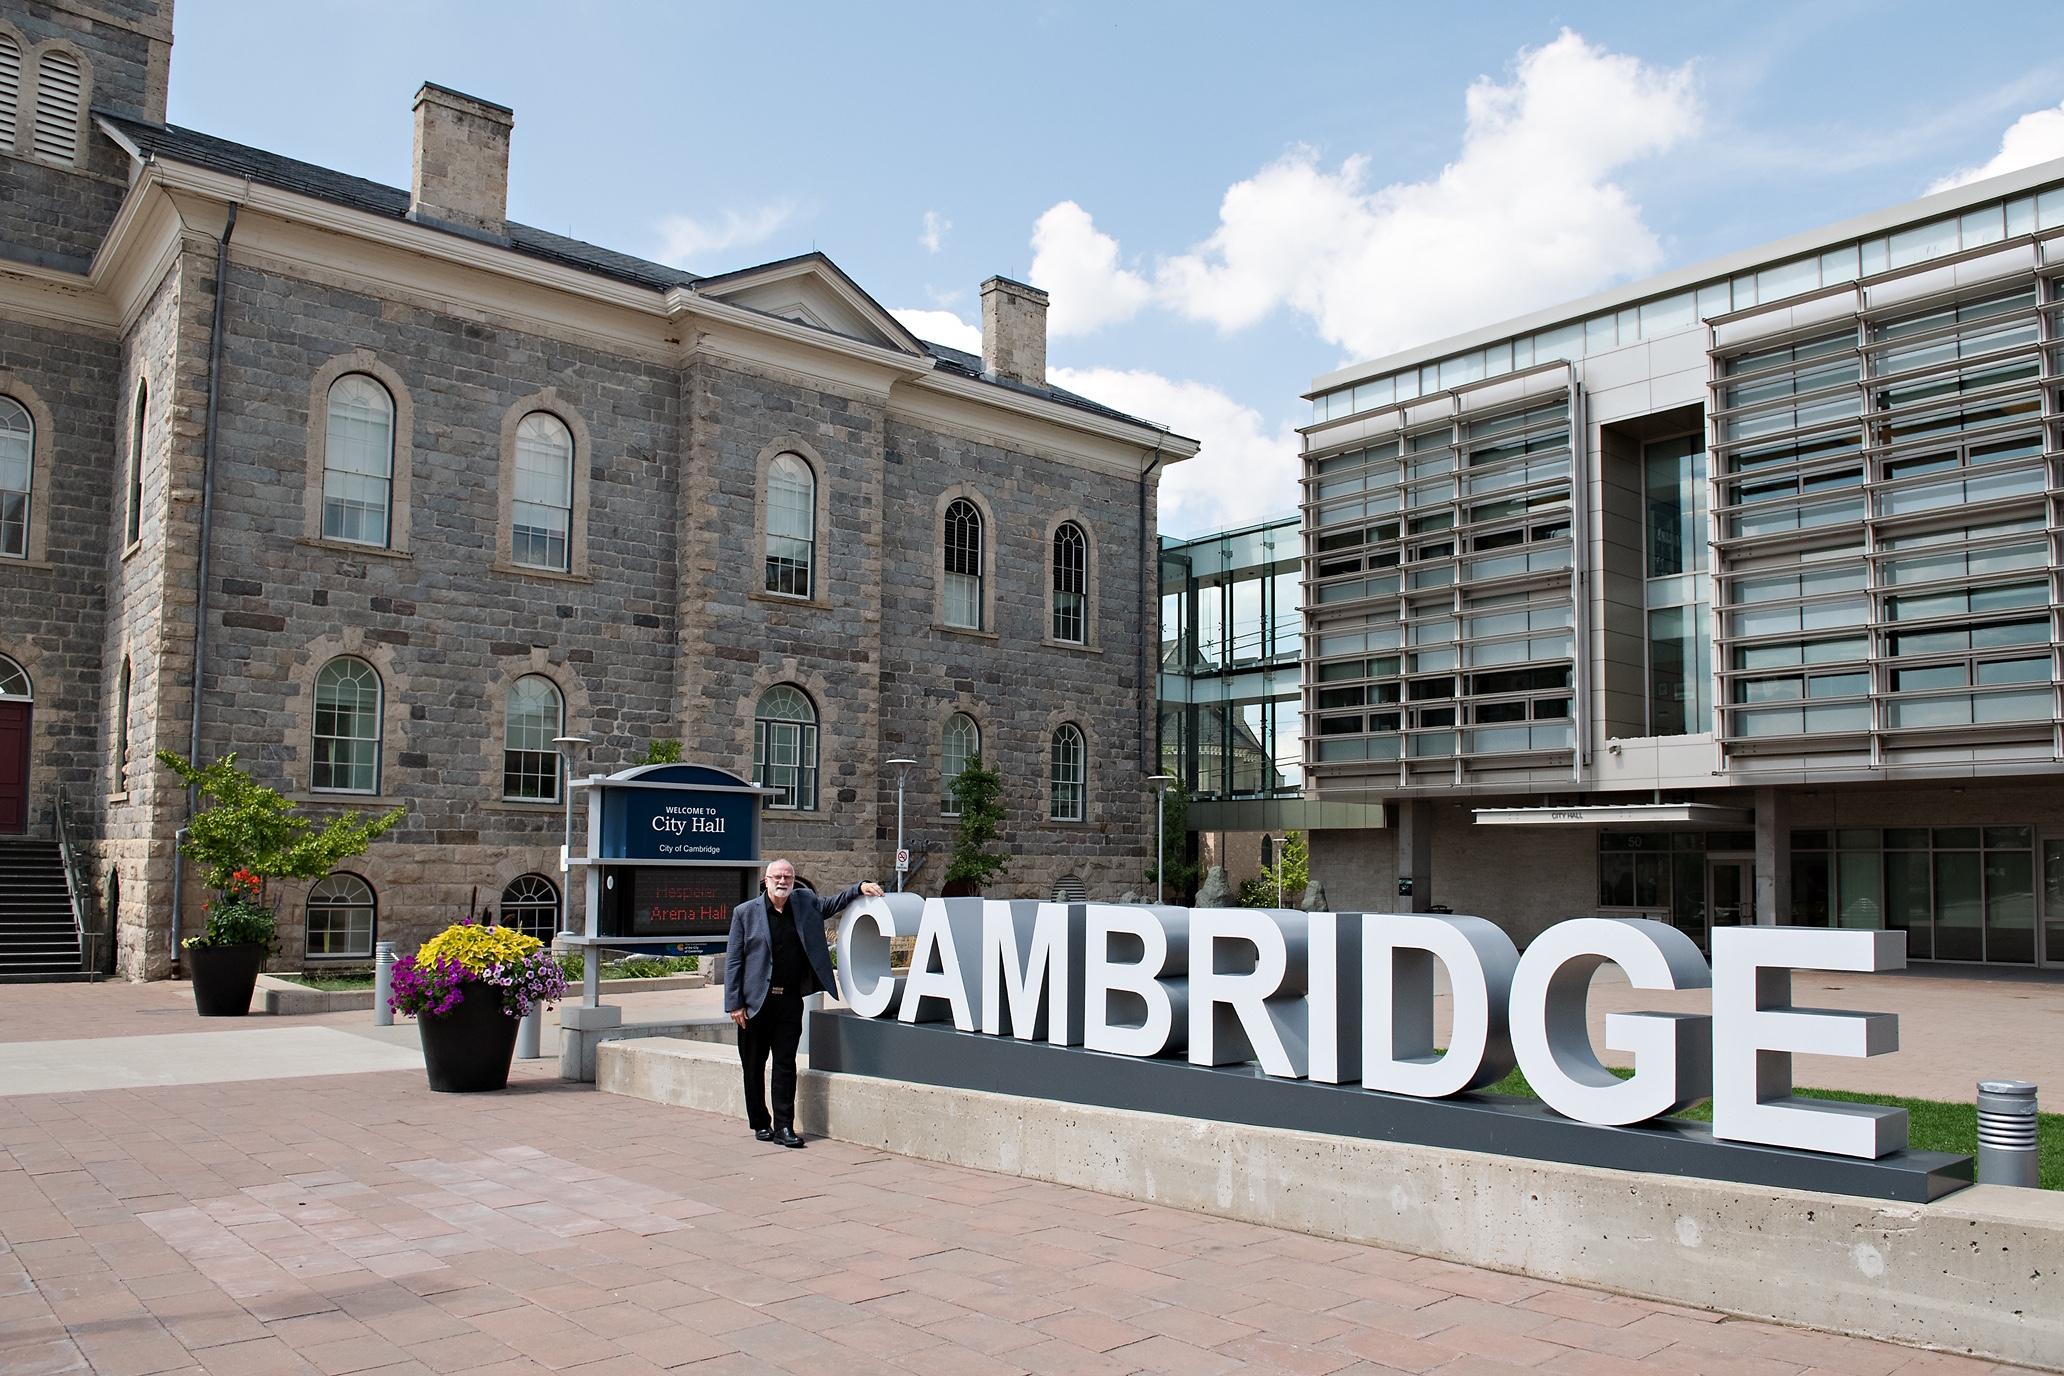 Mayor Doug Craig with Cambridge sign